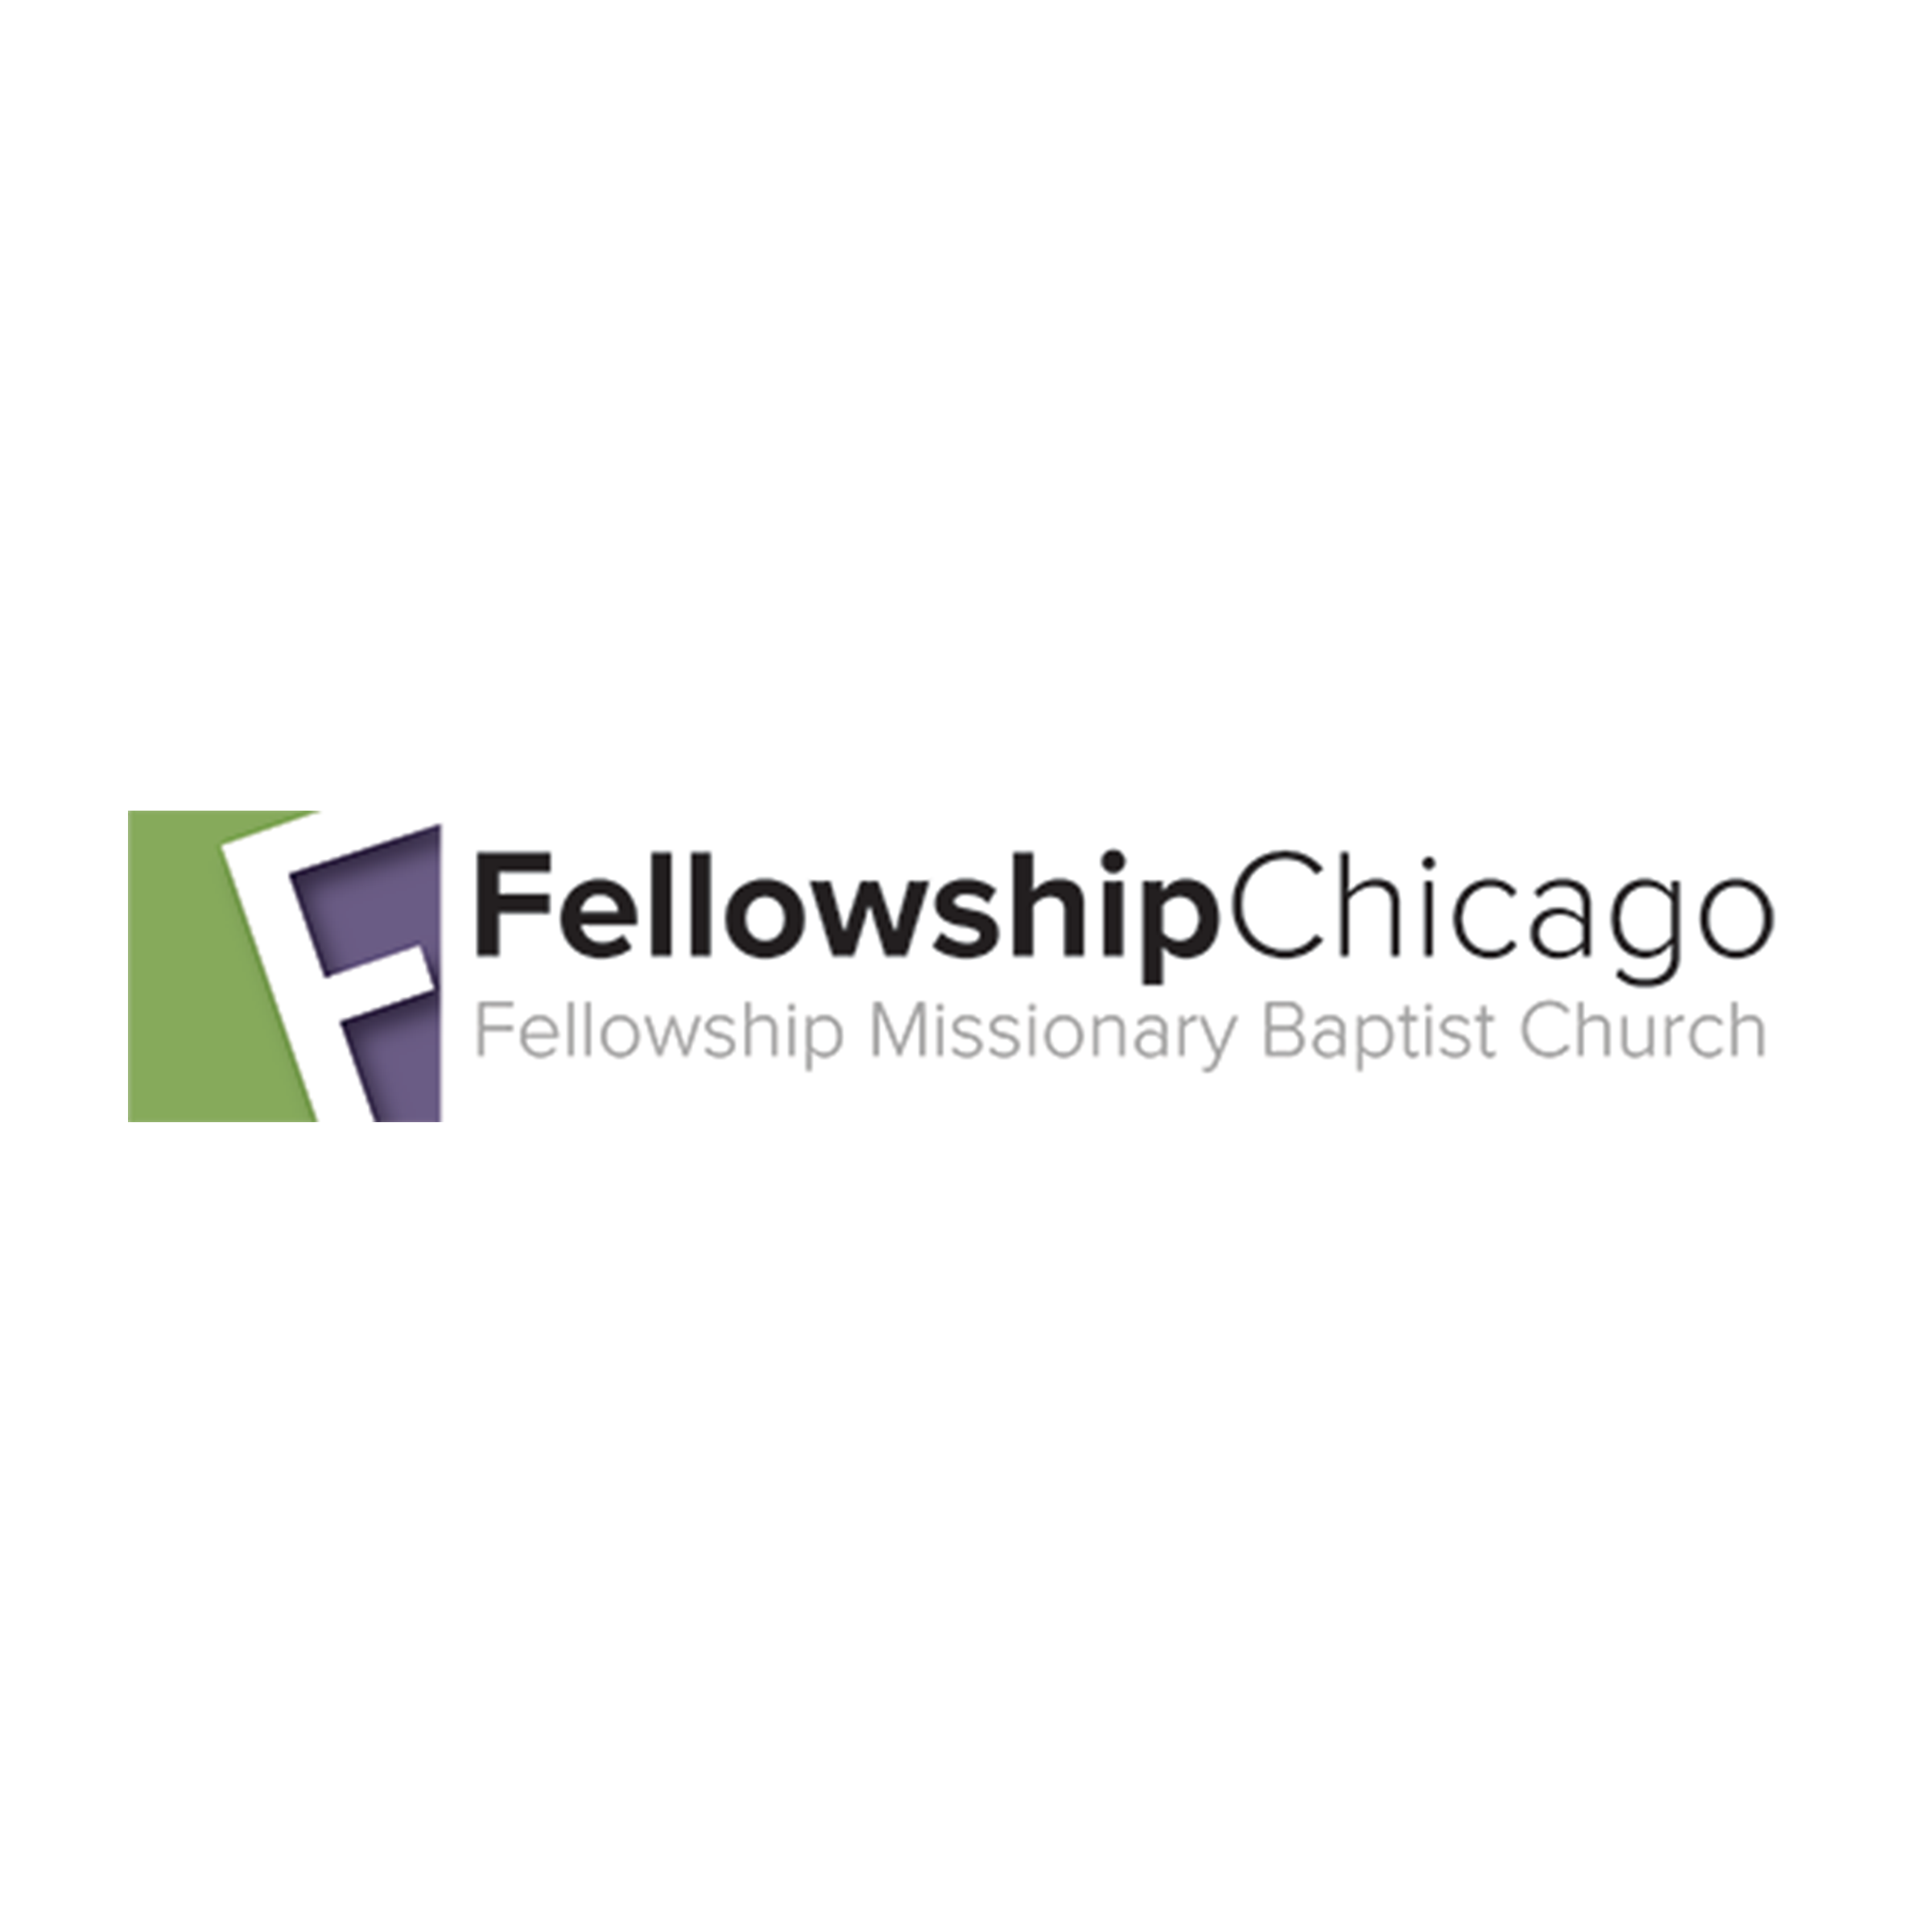 Fellowship Chicago